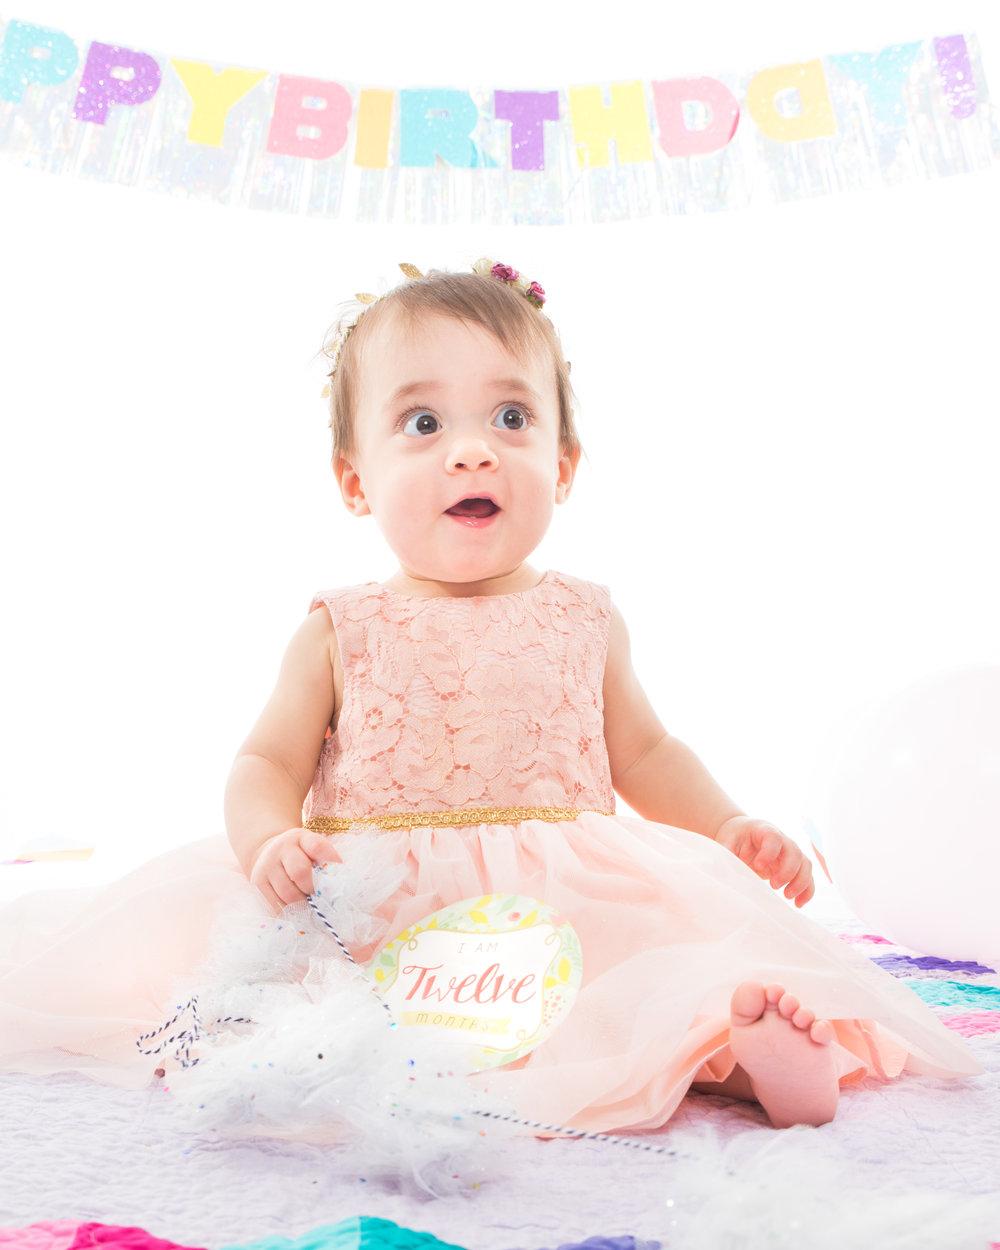 2018_February_04-Veronica_Sullivan_One_Year_Baby_Pics-44840.jpg